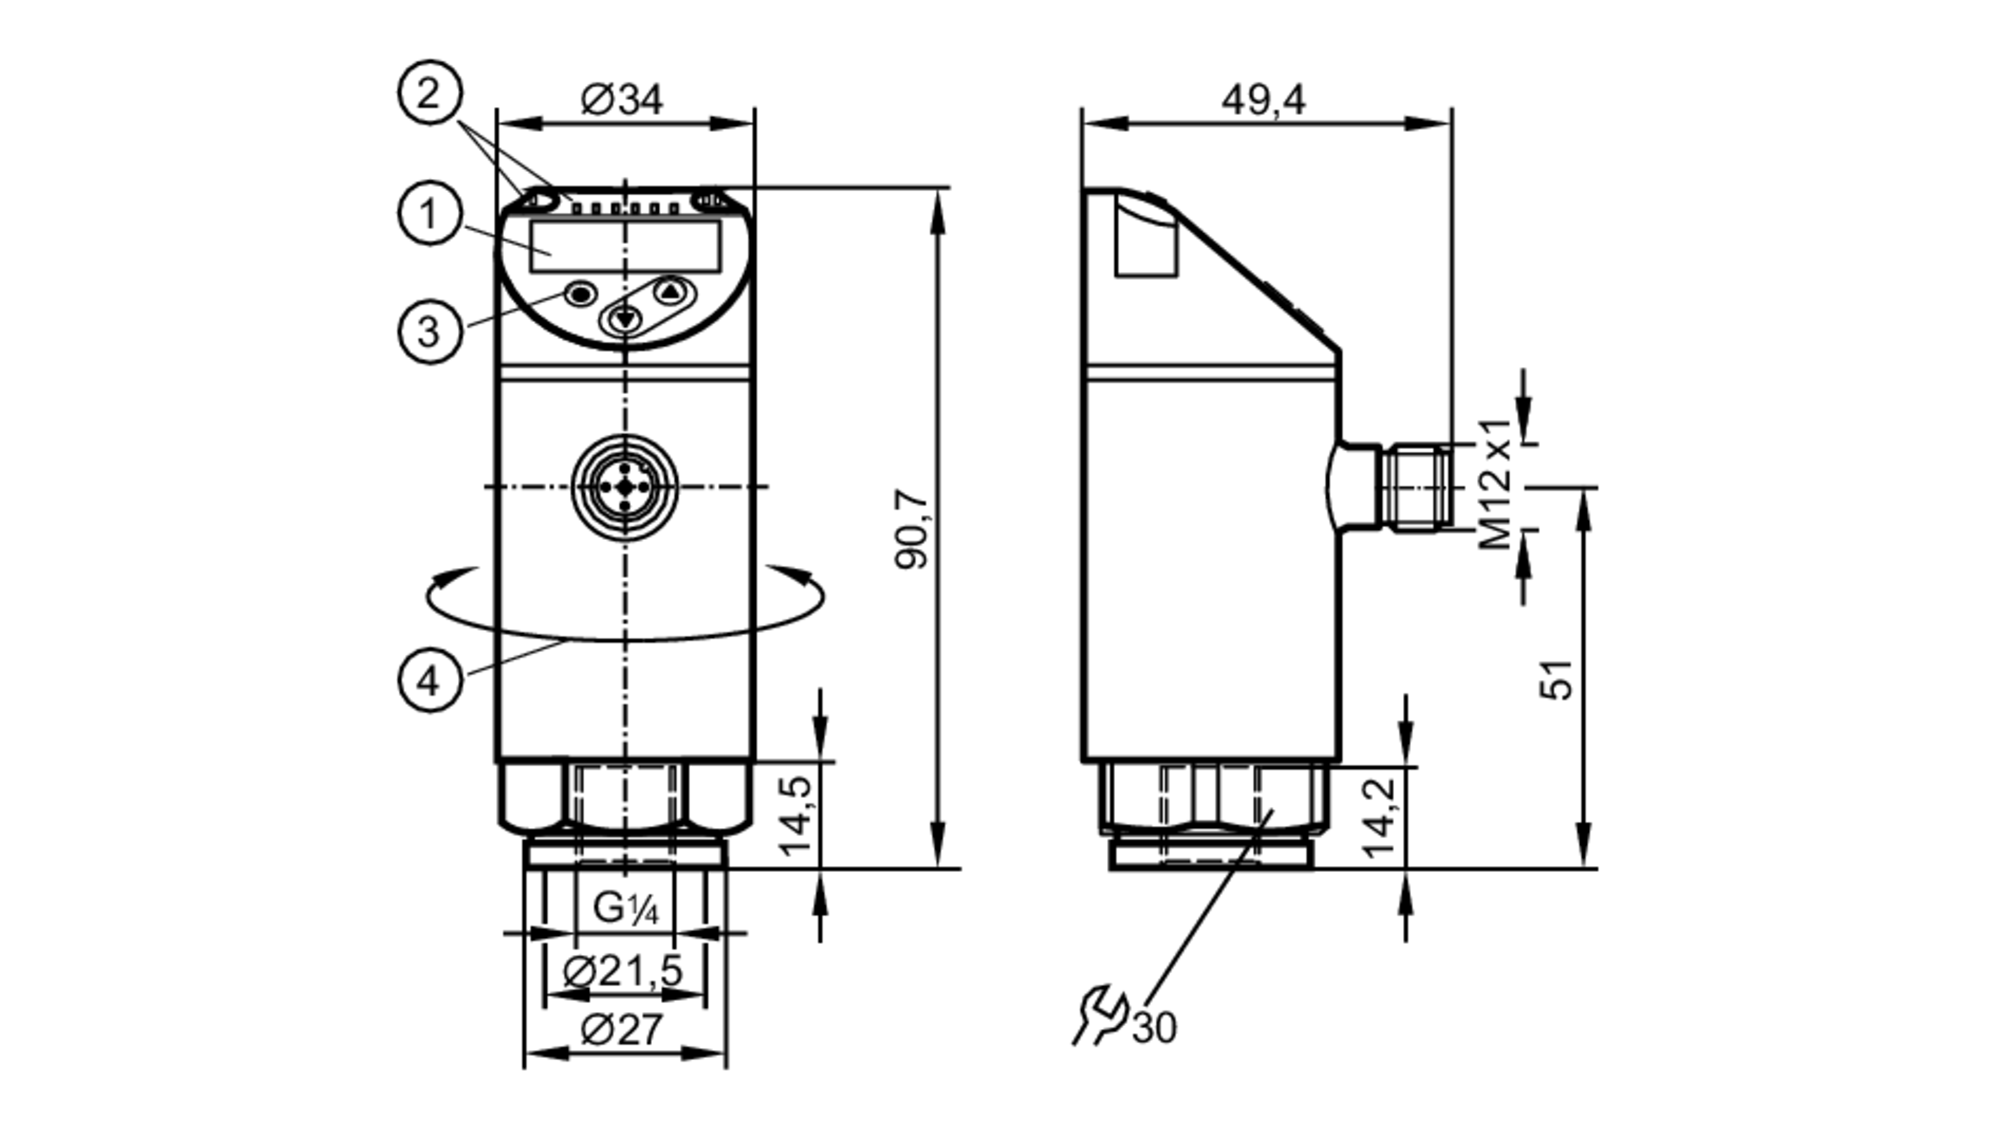 pn7094 - pressure sensor with display